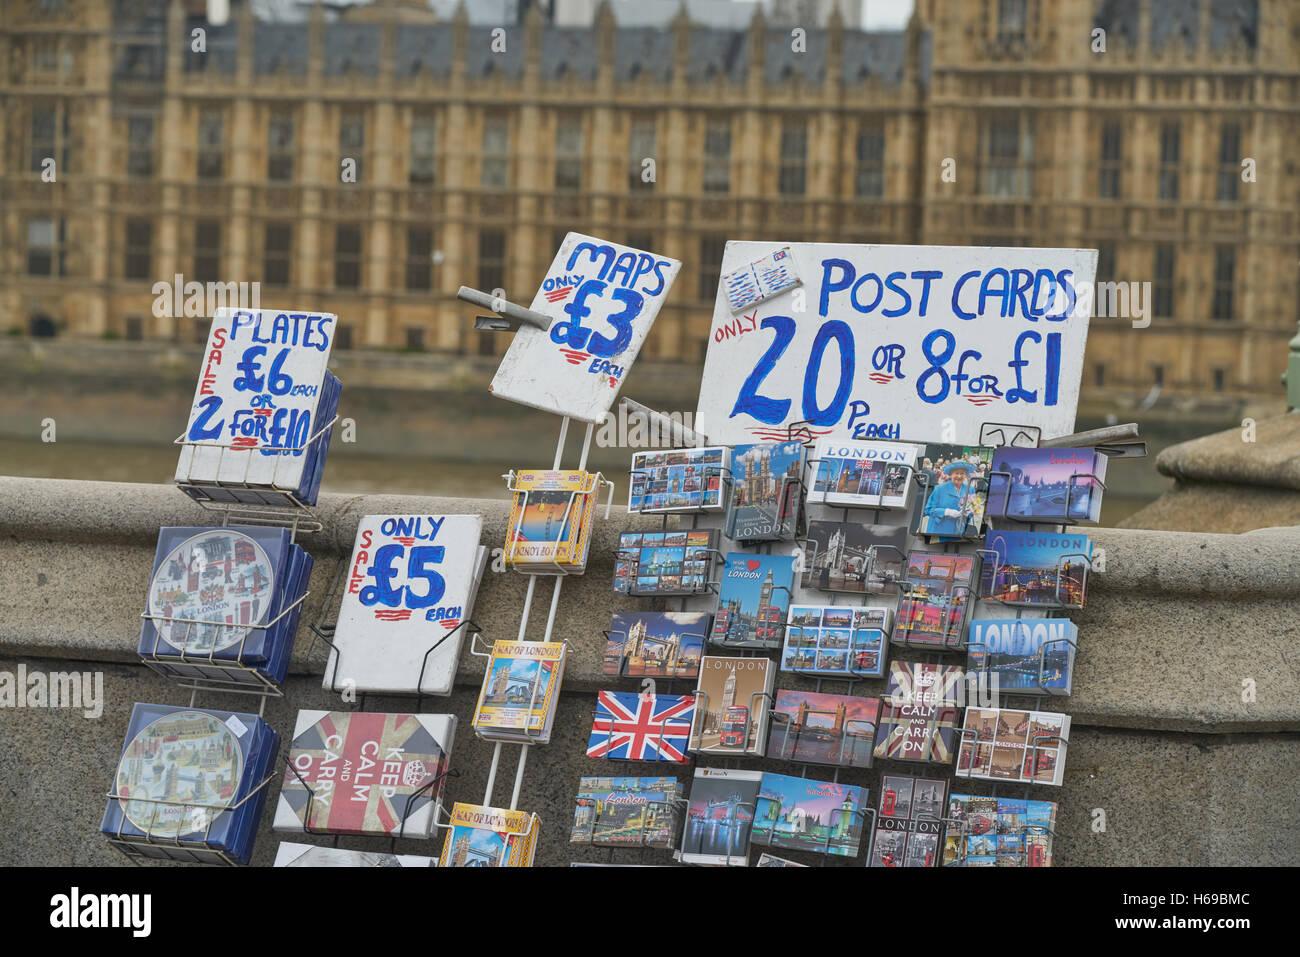 Distributeur de cartes post. Cartes postales London Tourism London. Photo Stock